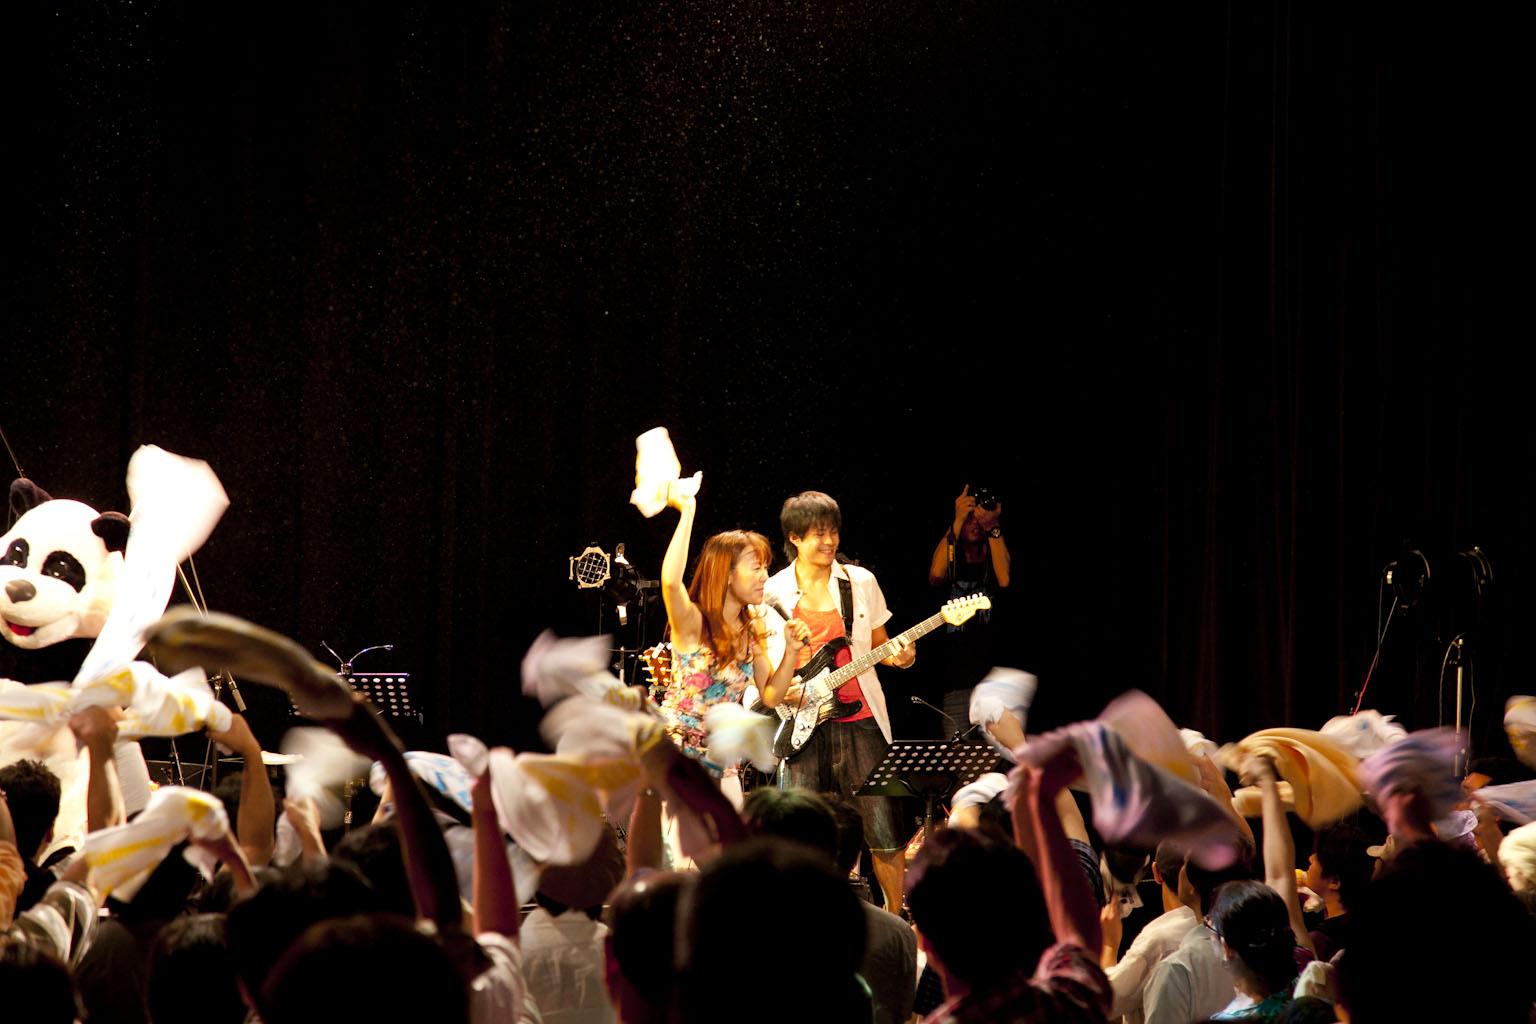 マウントレーニアホール渋谷プレジャープレジャーありがとう!!_e0261371_19174769.jpg